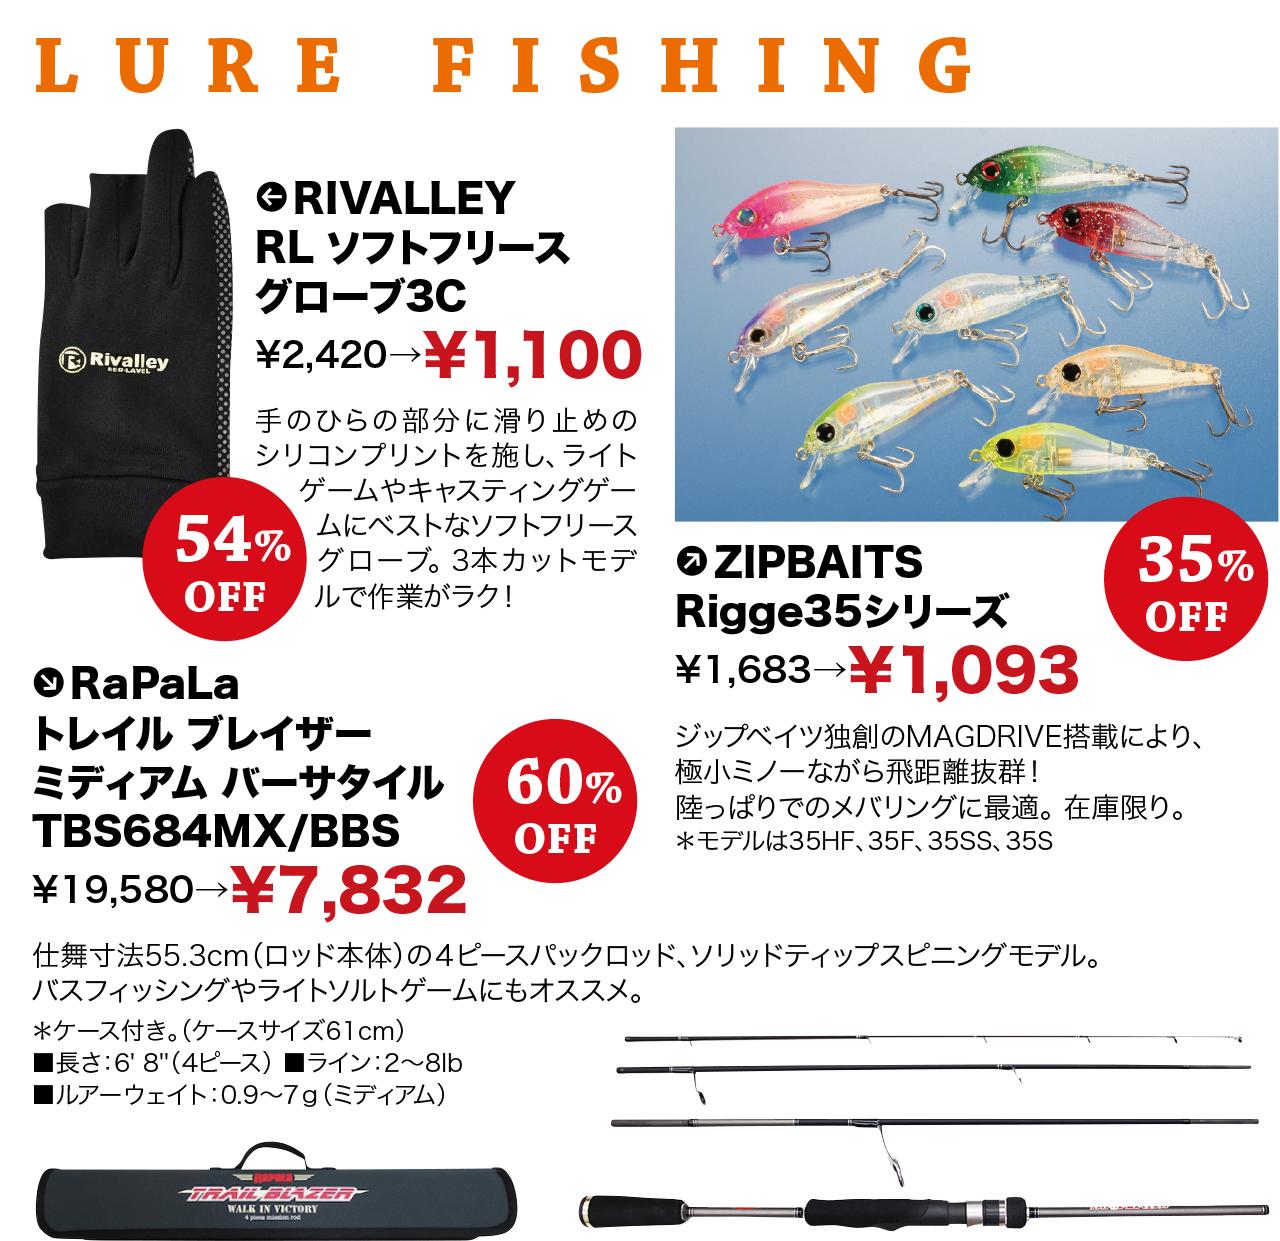 LURE FISHING RIVALLEY RL ソフトフリース グローブ3C、ZIPBAITS Rigge35シリーズ、RaPaLa トレイル ブレイザー ミディアム バーサタイル TBS684MX/BBS